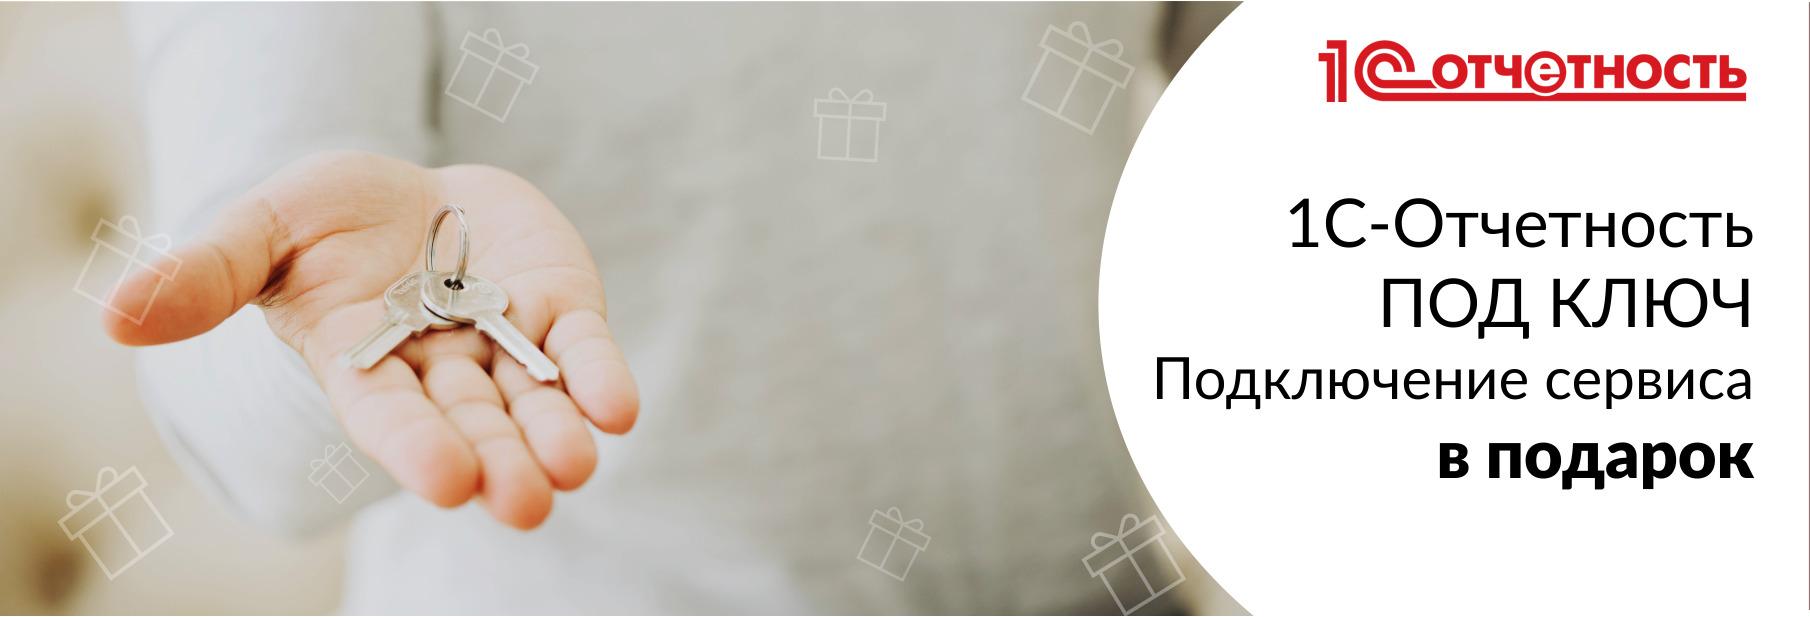 Электронная отчетность бесплатные ключи программа регистрации ип бесплатно скачать